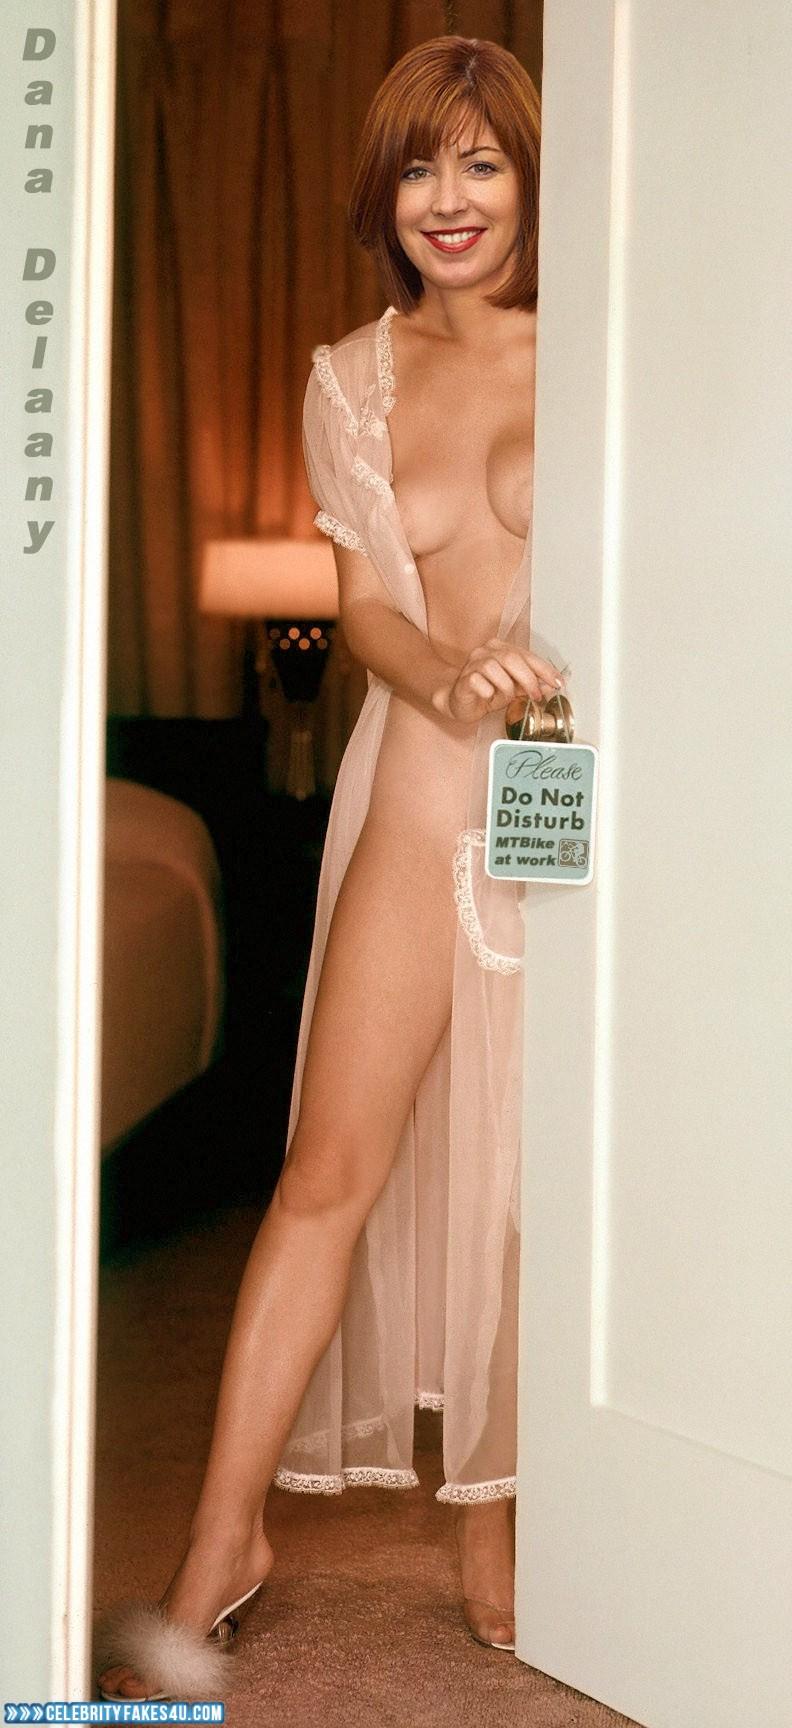 Dana Delany Nude Photos dana delany legs tits 001 « celebrity fakes 4u